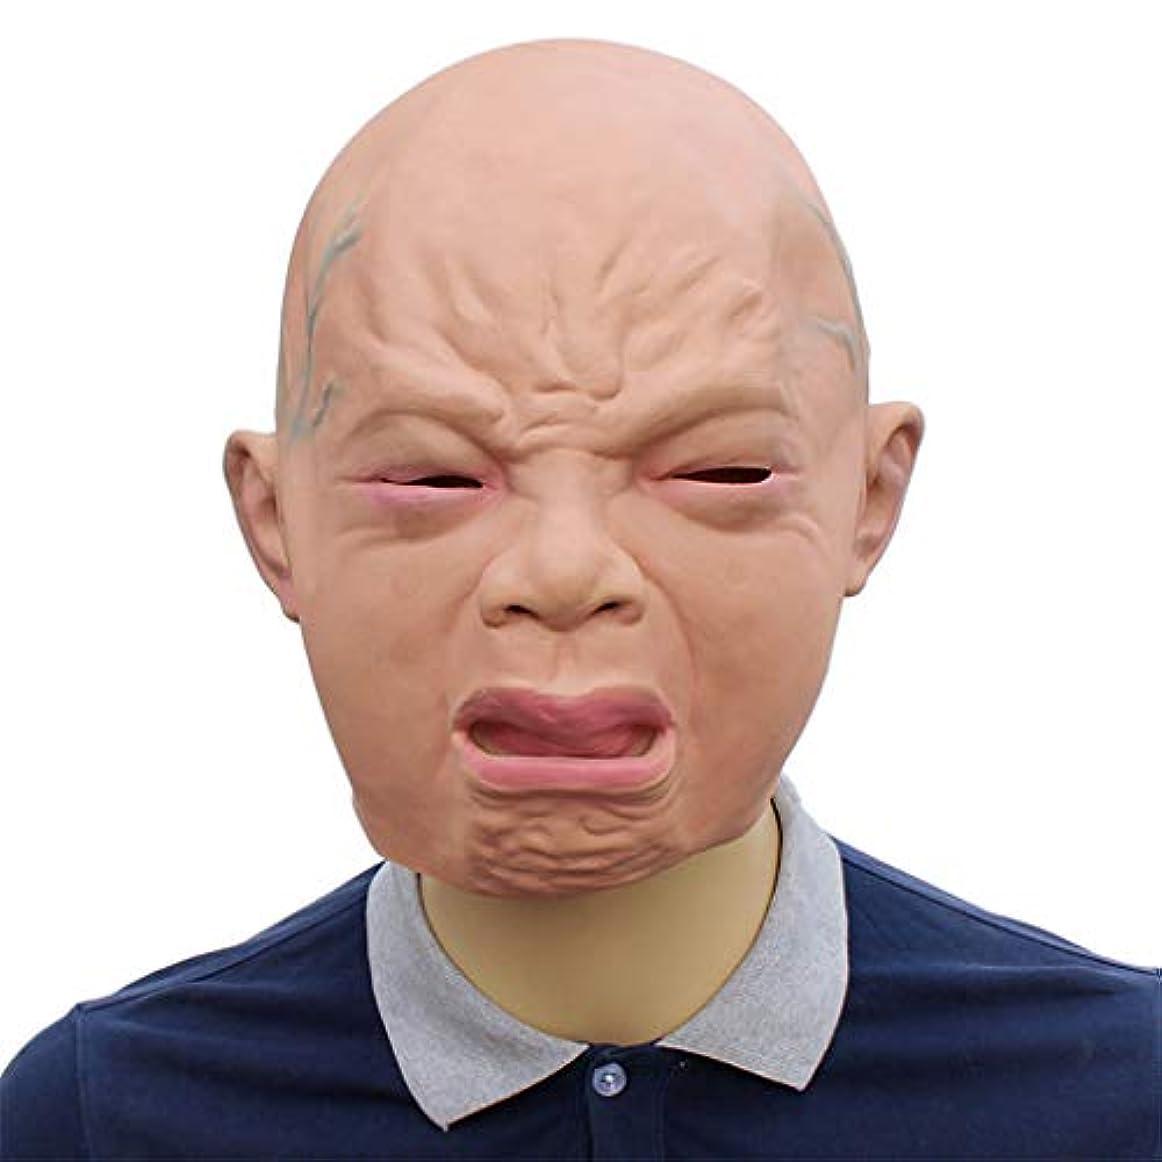 検査ミッション宿題ハロウィンマスク、キャラクターマスク、ノベルティファニーラテックスリアルな泣き虫ベビーギア、ハロウィンイースターコスチュームコスプレ用